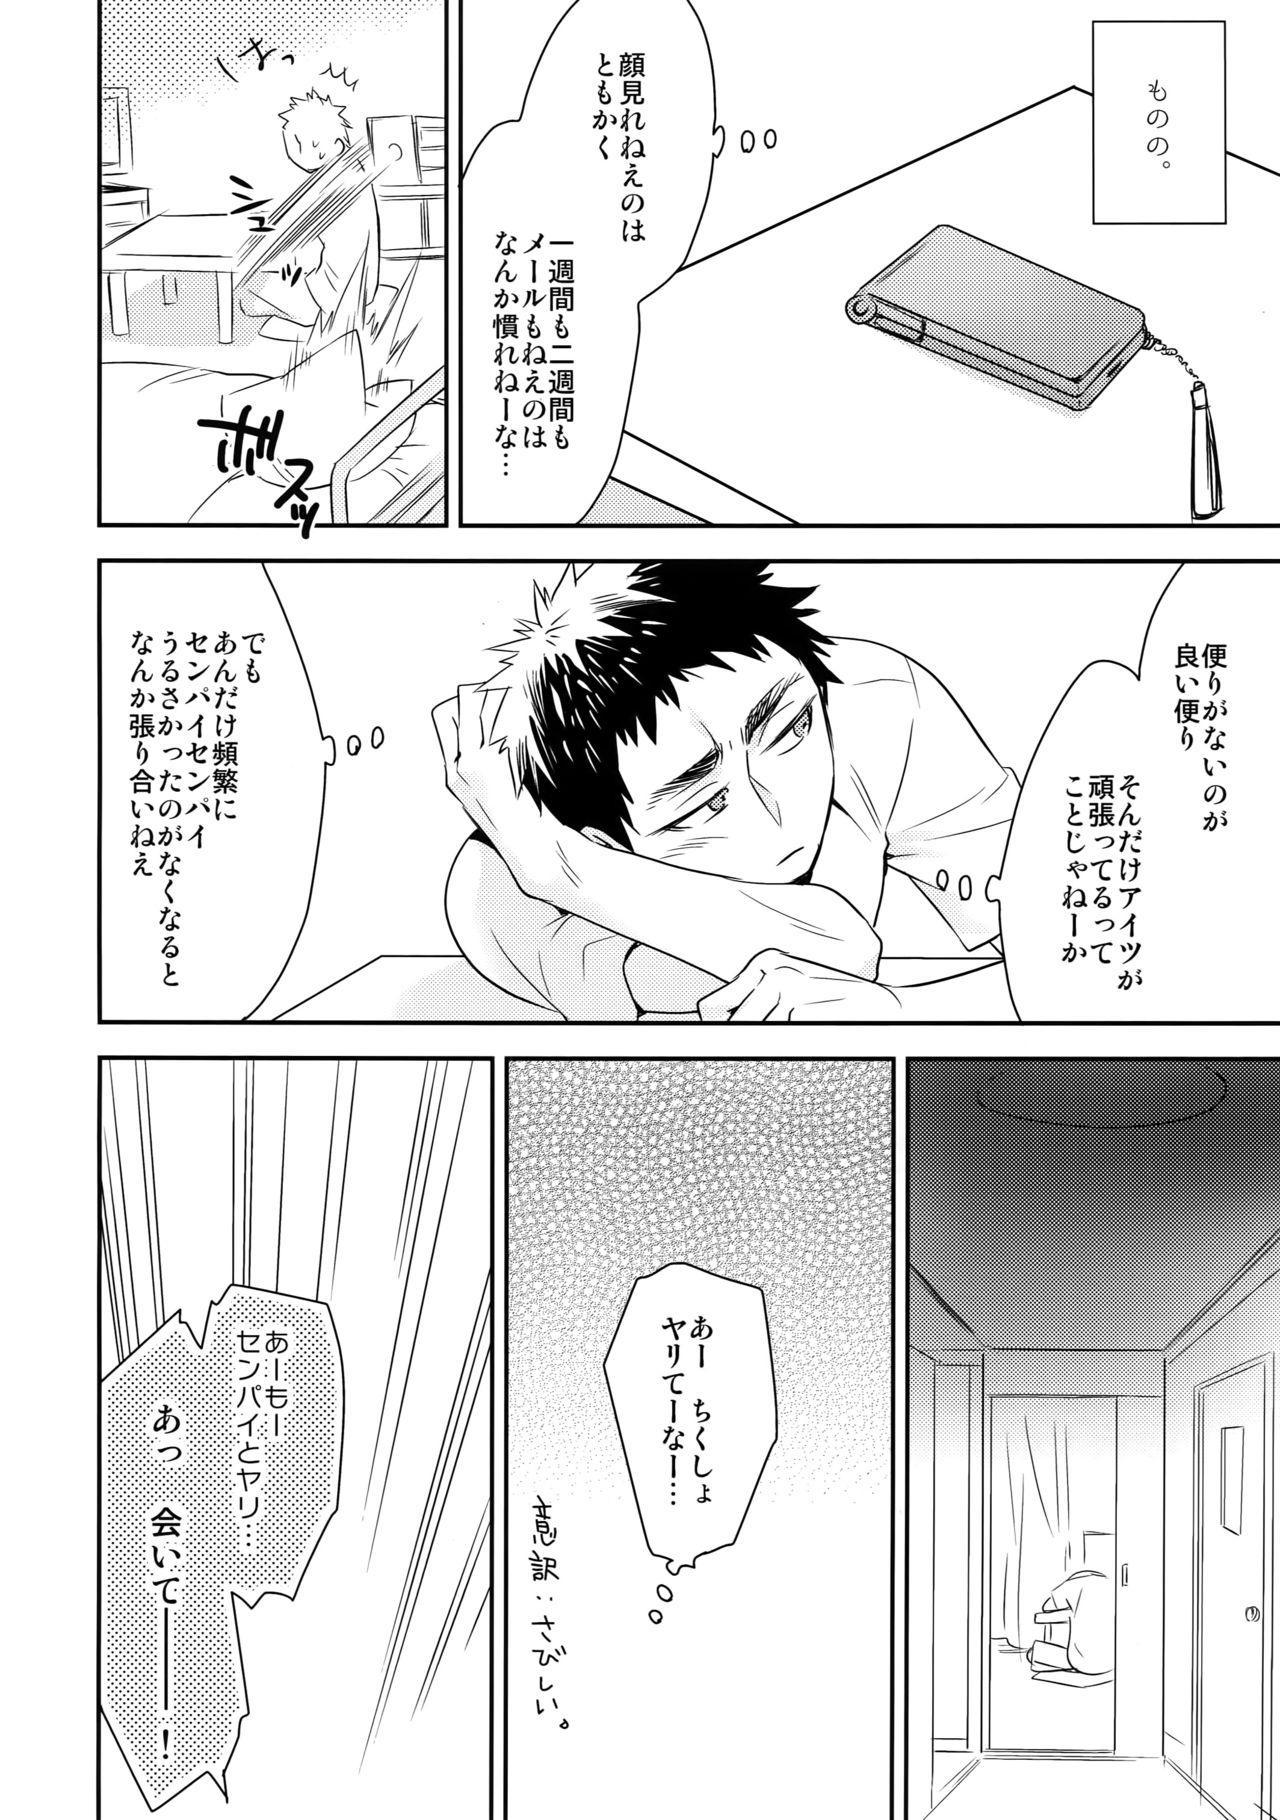 [Bakuchi Jinsei SP (Satsuki Fumi)] Kanpeki Kareshi to Zettai Ryouiki Ouji-sama - Another Version - (Kuroko no Basket) 112